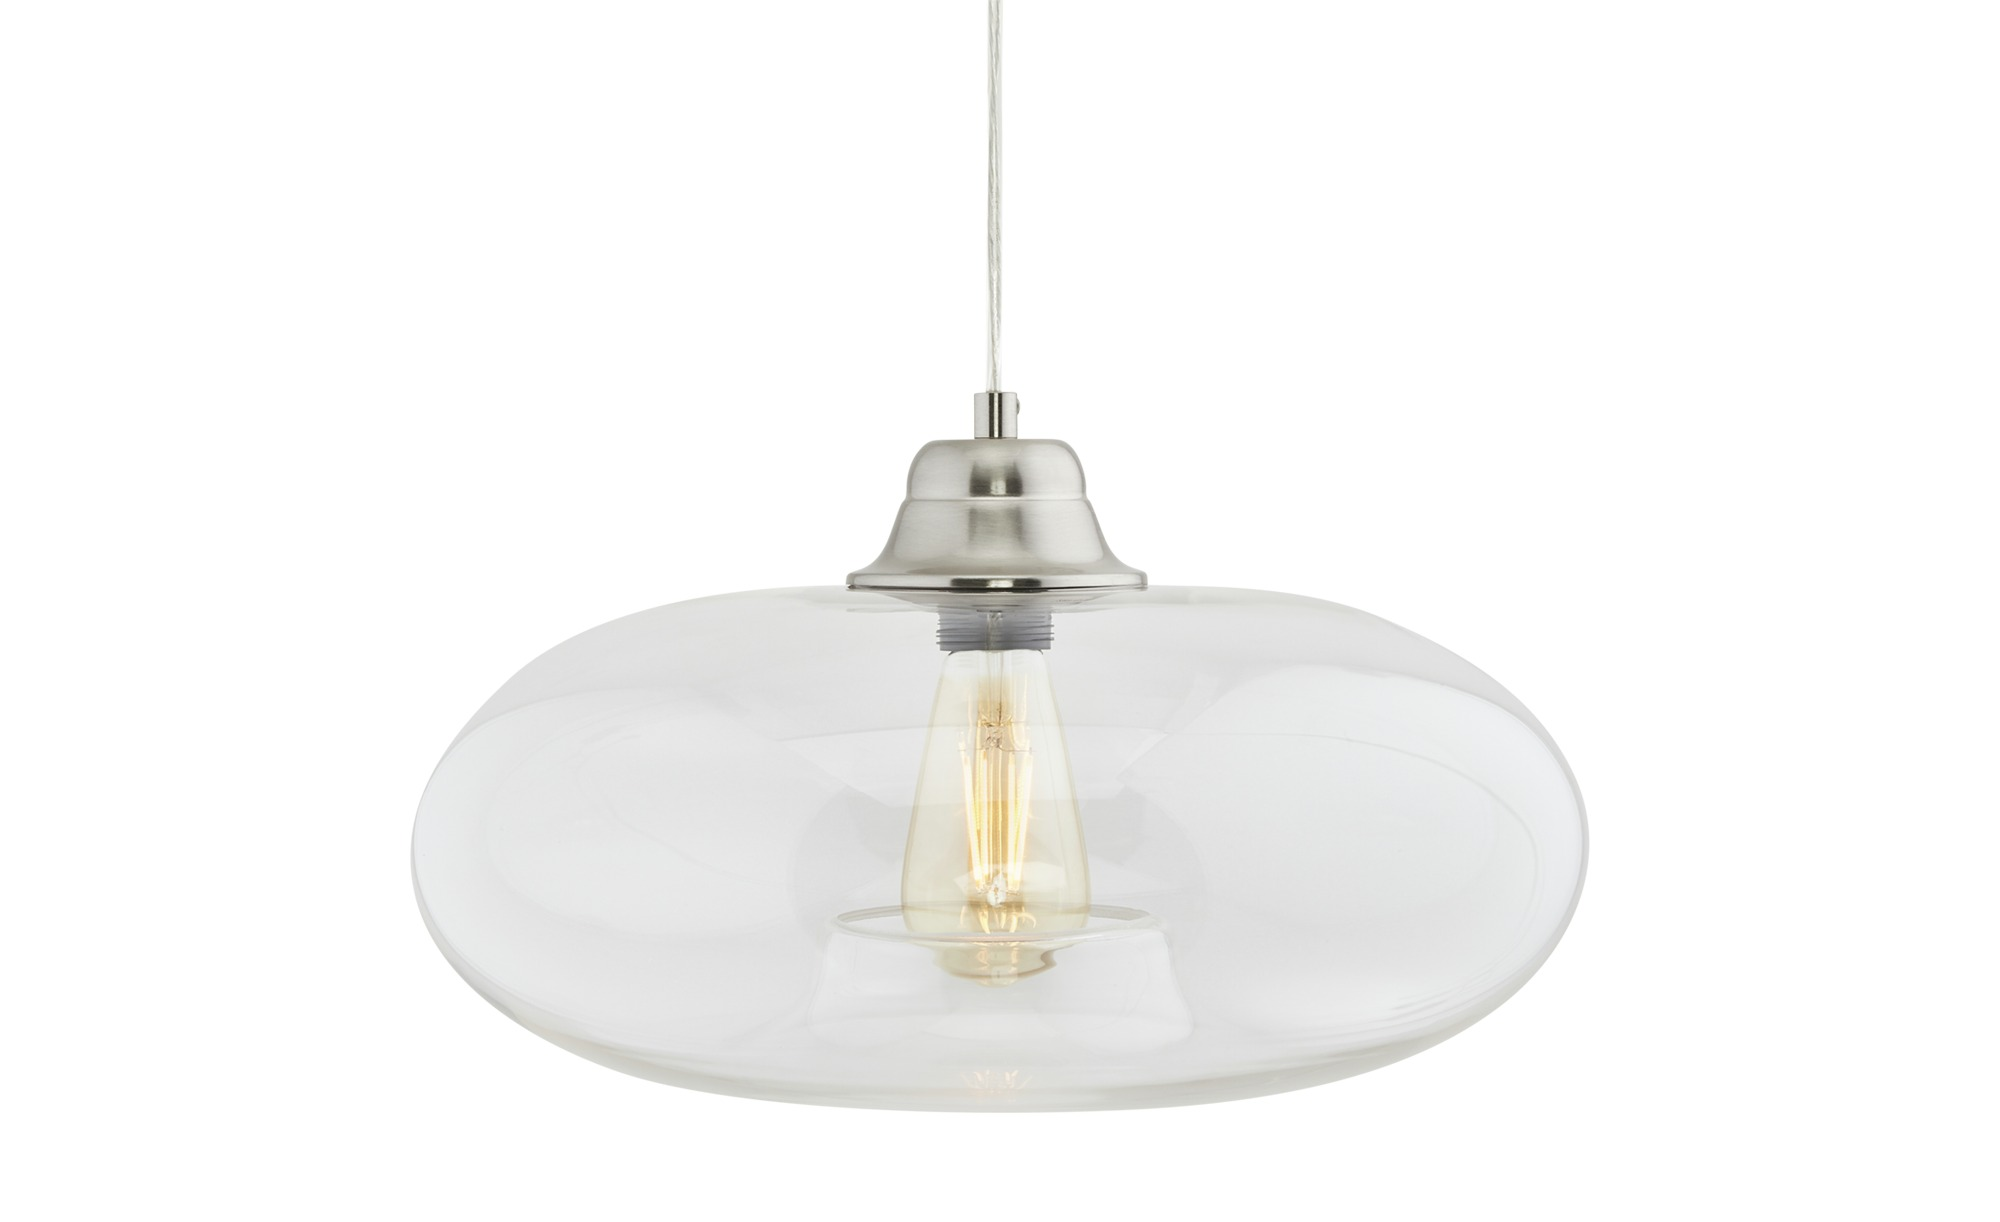 Glaspendelleuchte, 1-flammig ¦ transparent/klar ¦ Maße (cm): H: 150 Ø: [40.0] Lampen & Leuchten > Innenleuchten > Pendelleuchten - Höffner